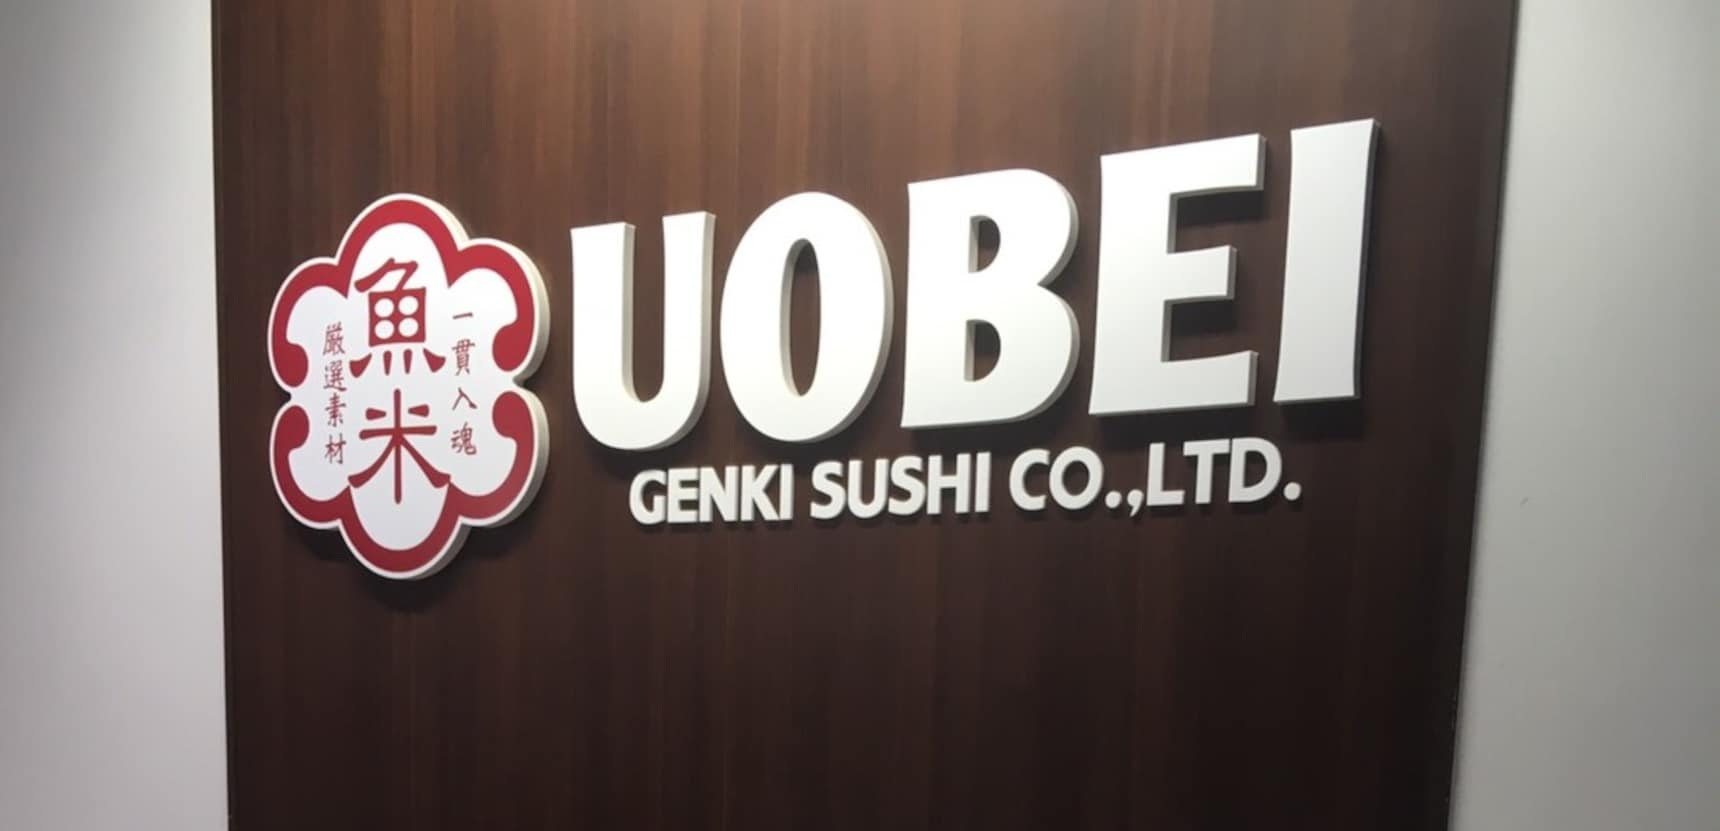 พาชิม! Uobei ร้านซูชิร้อยเยนสุดคุ้ม